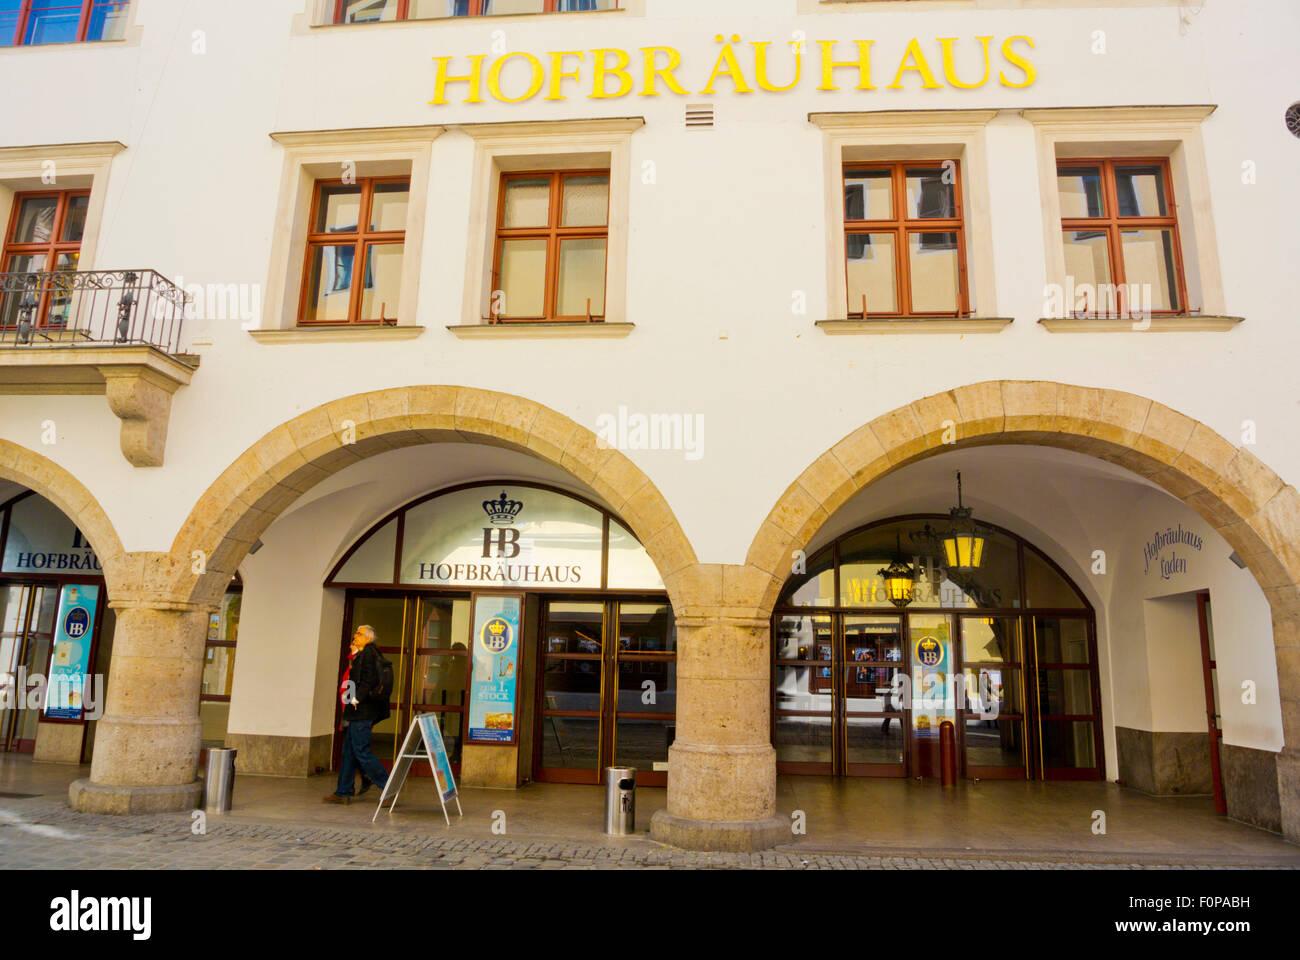 Hofbräuhaus, Famous Beer Hall Restaurant, Platzl, Altstadt, Old Town,  Munich,